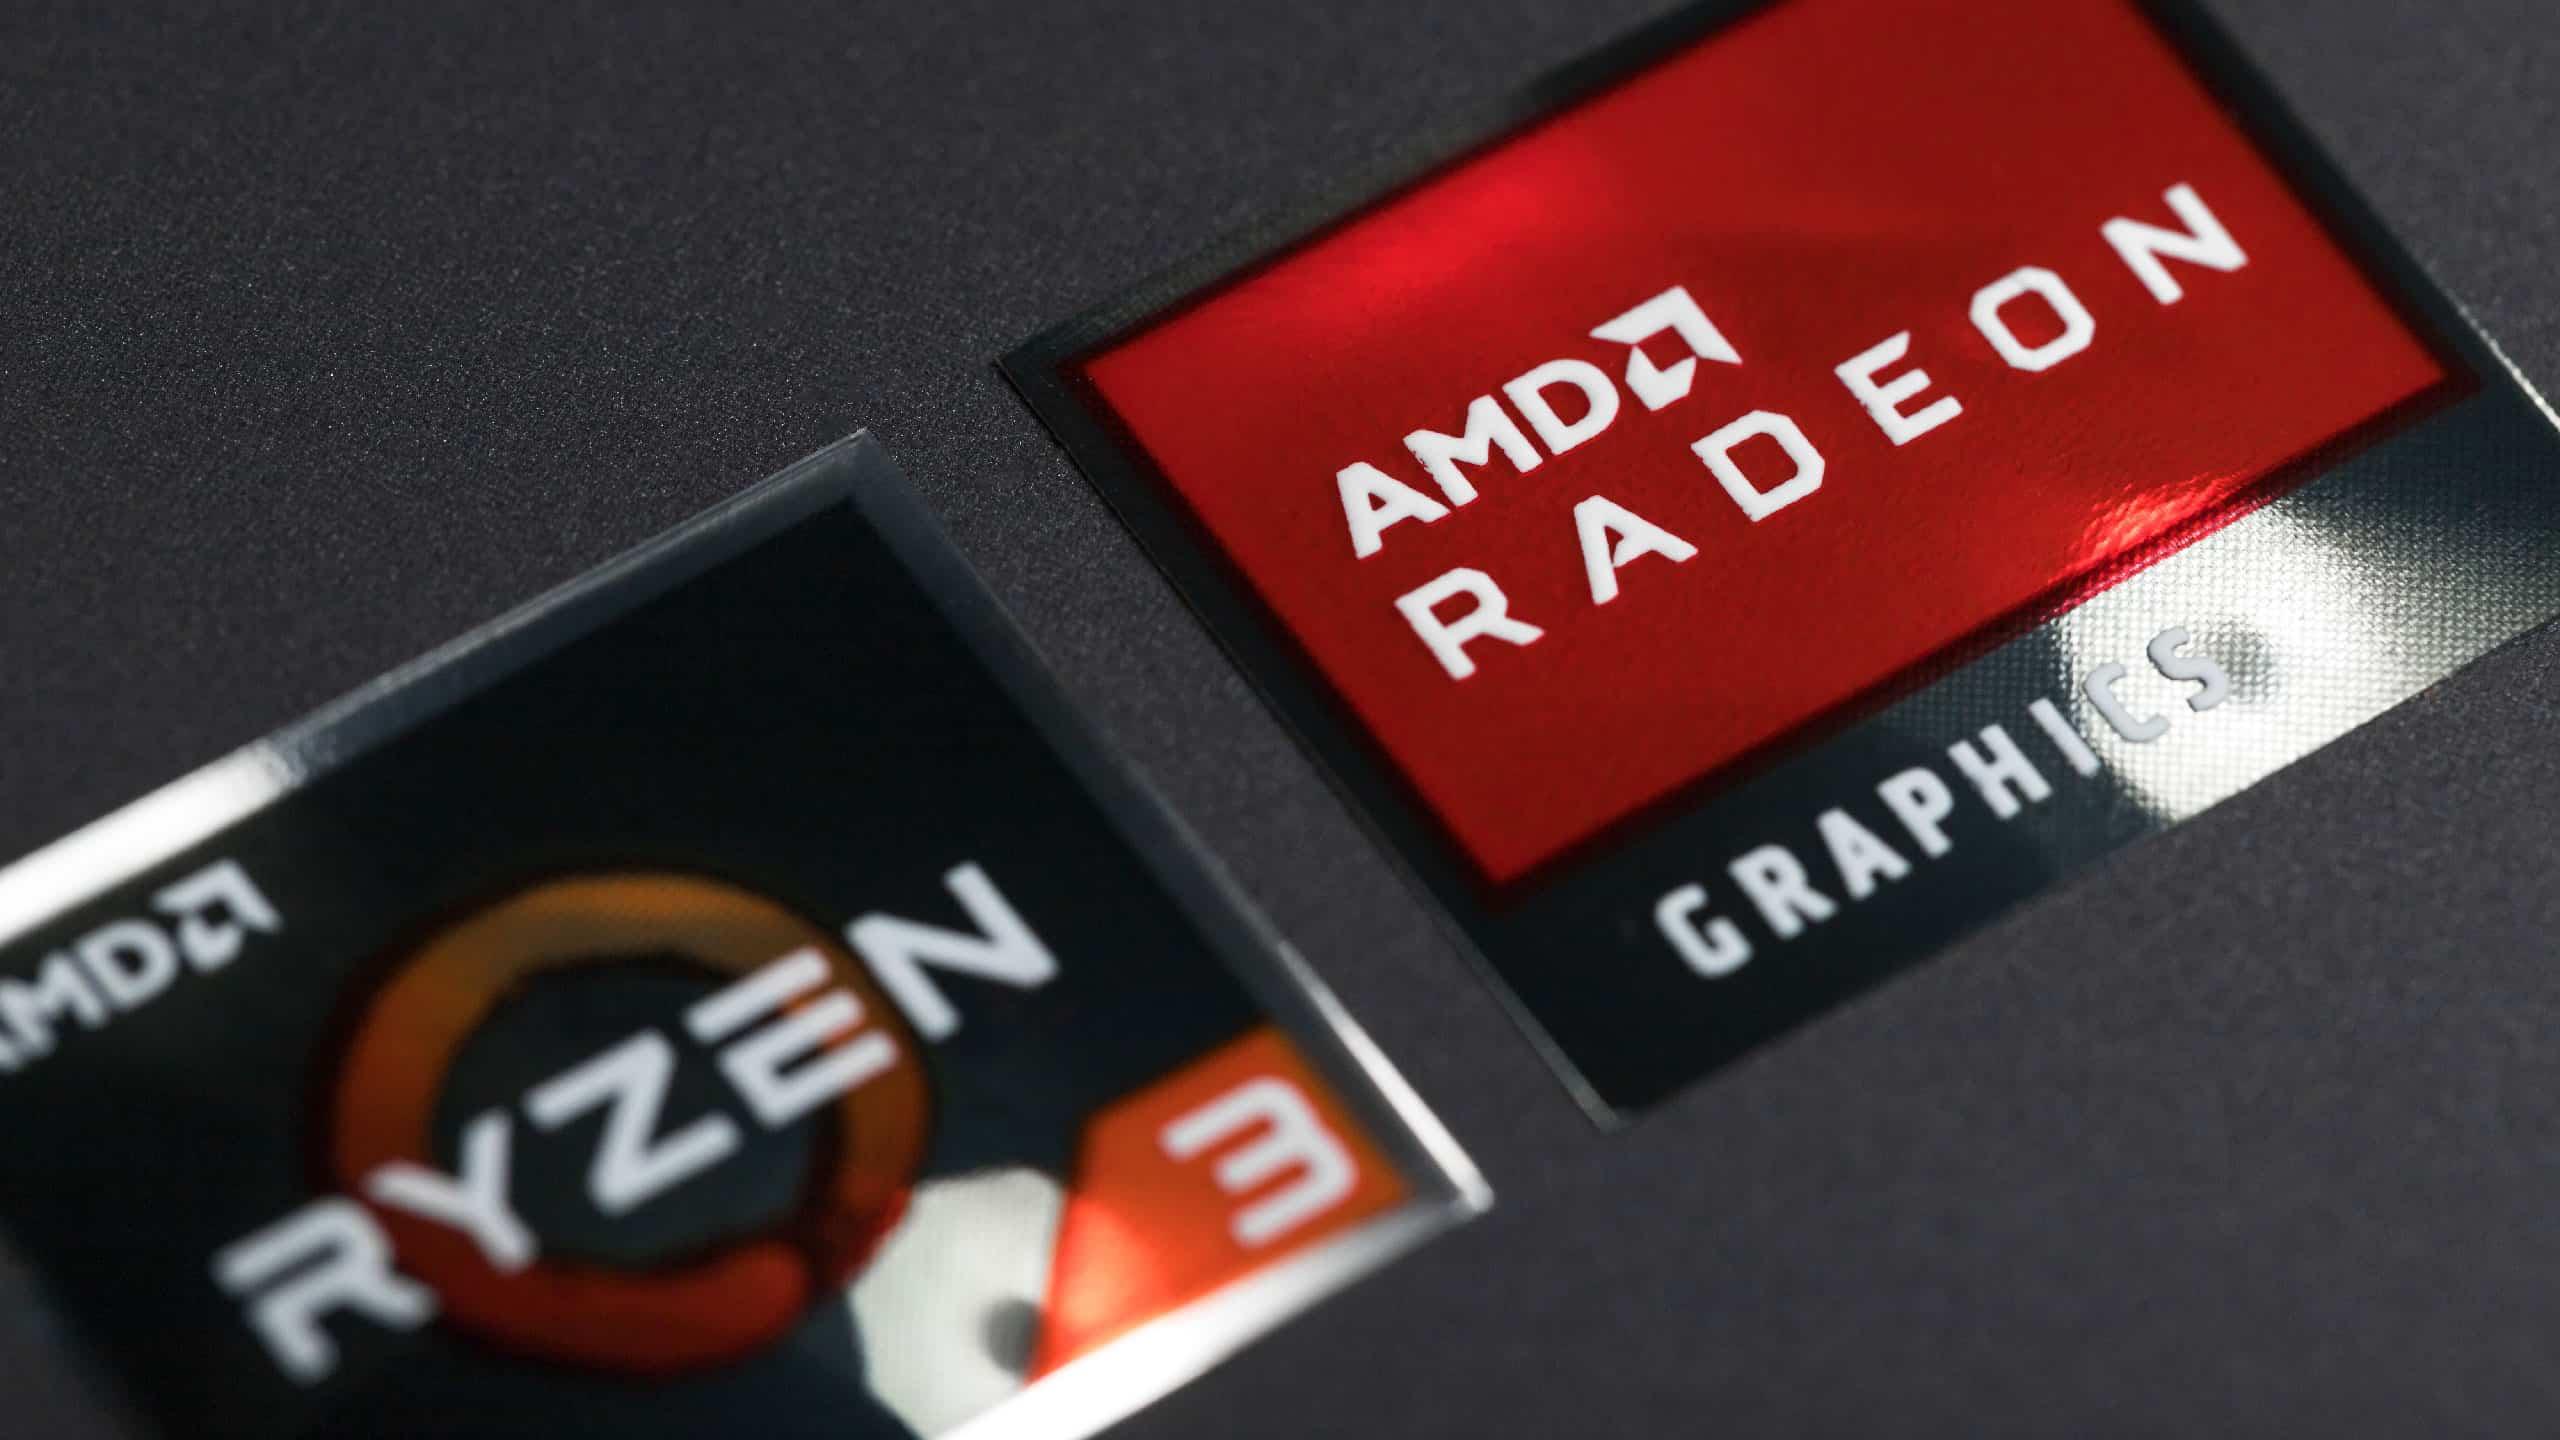 شرکت AMD در هفت سال توانست نیم میلیون کارت گرافیکی به فروش برساند